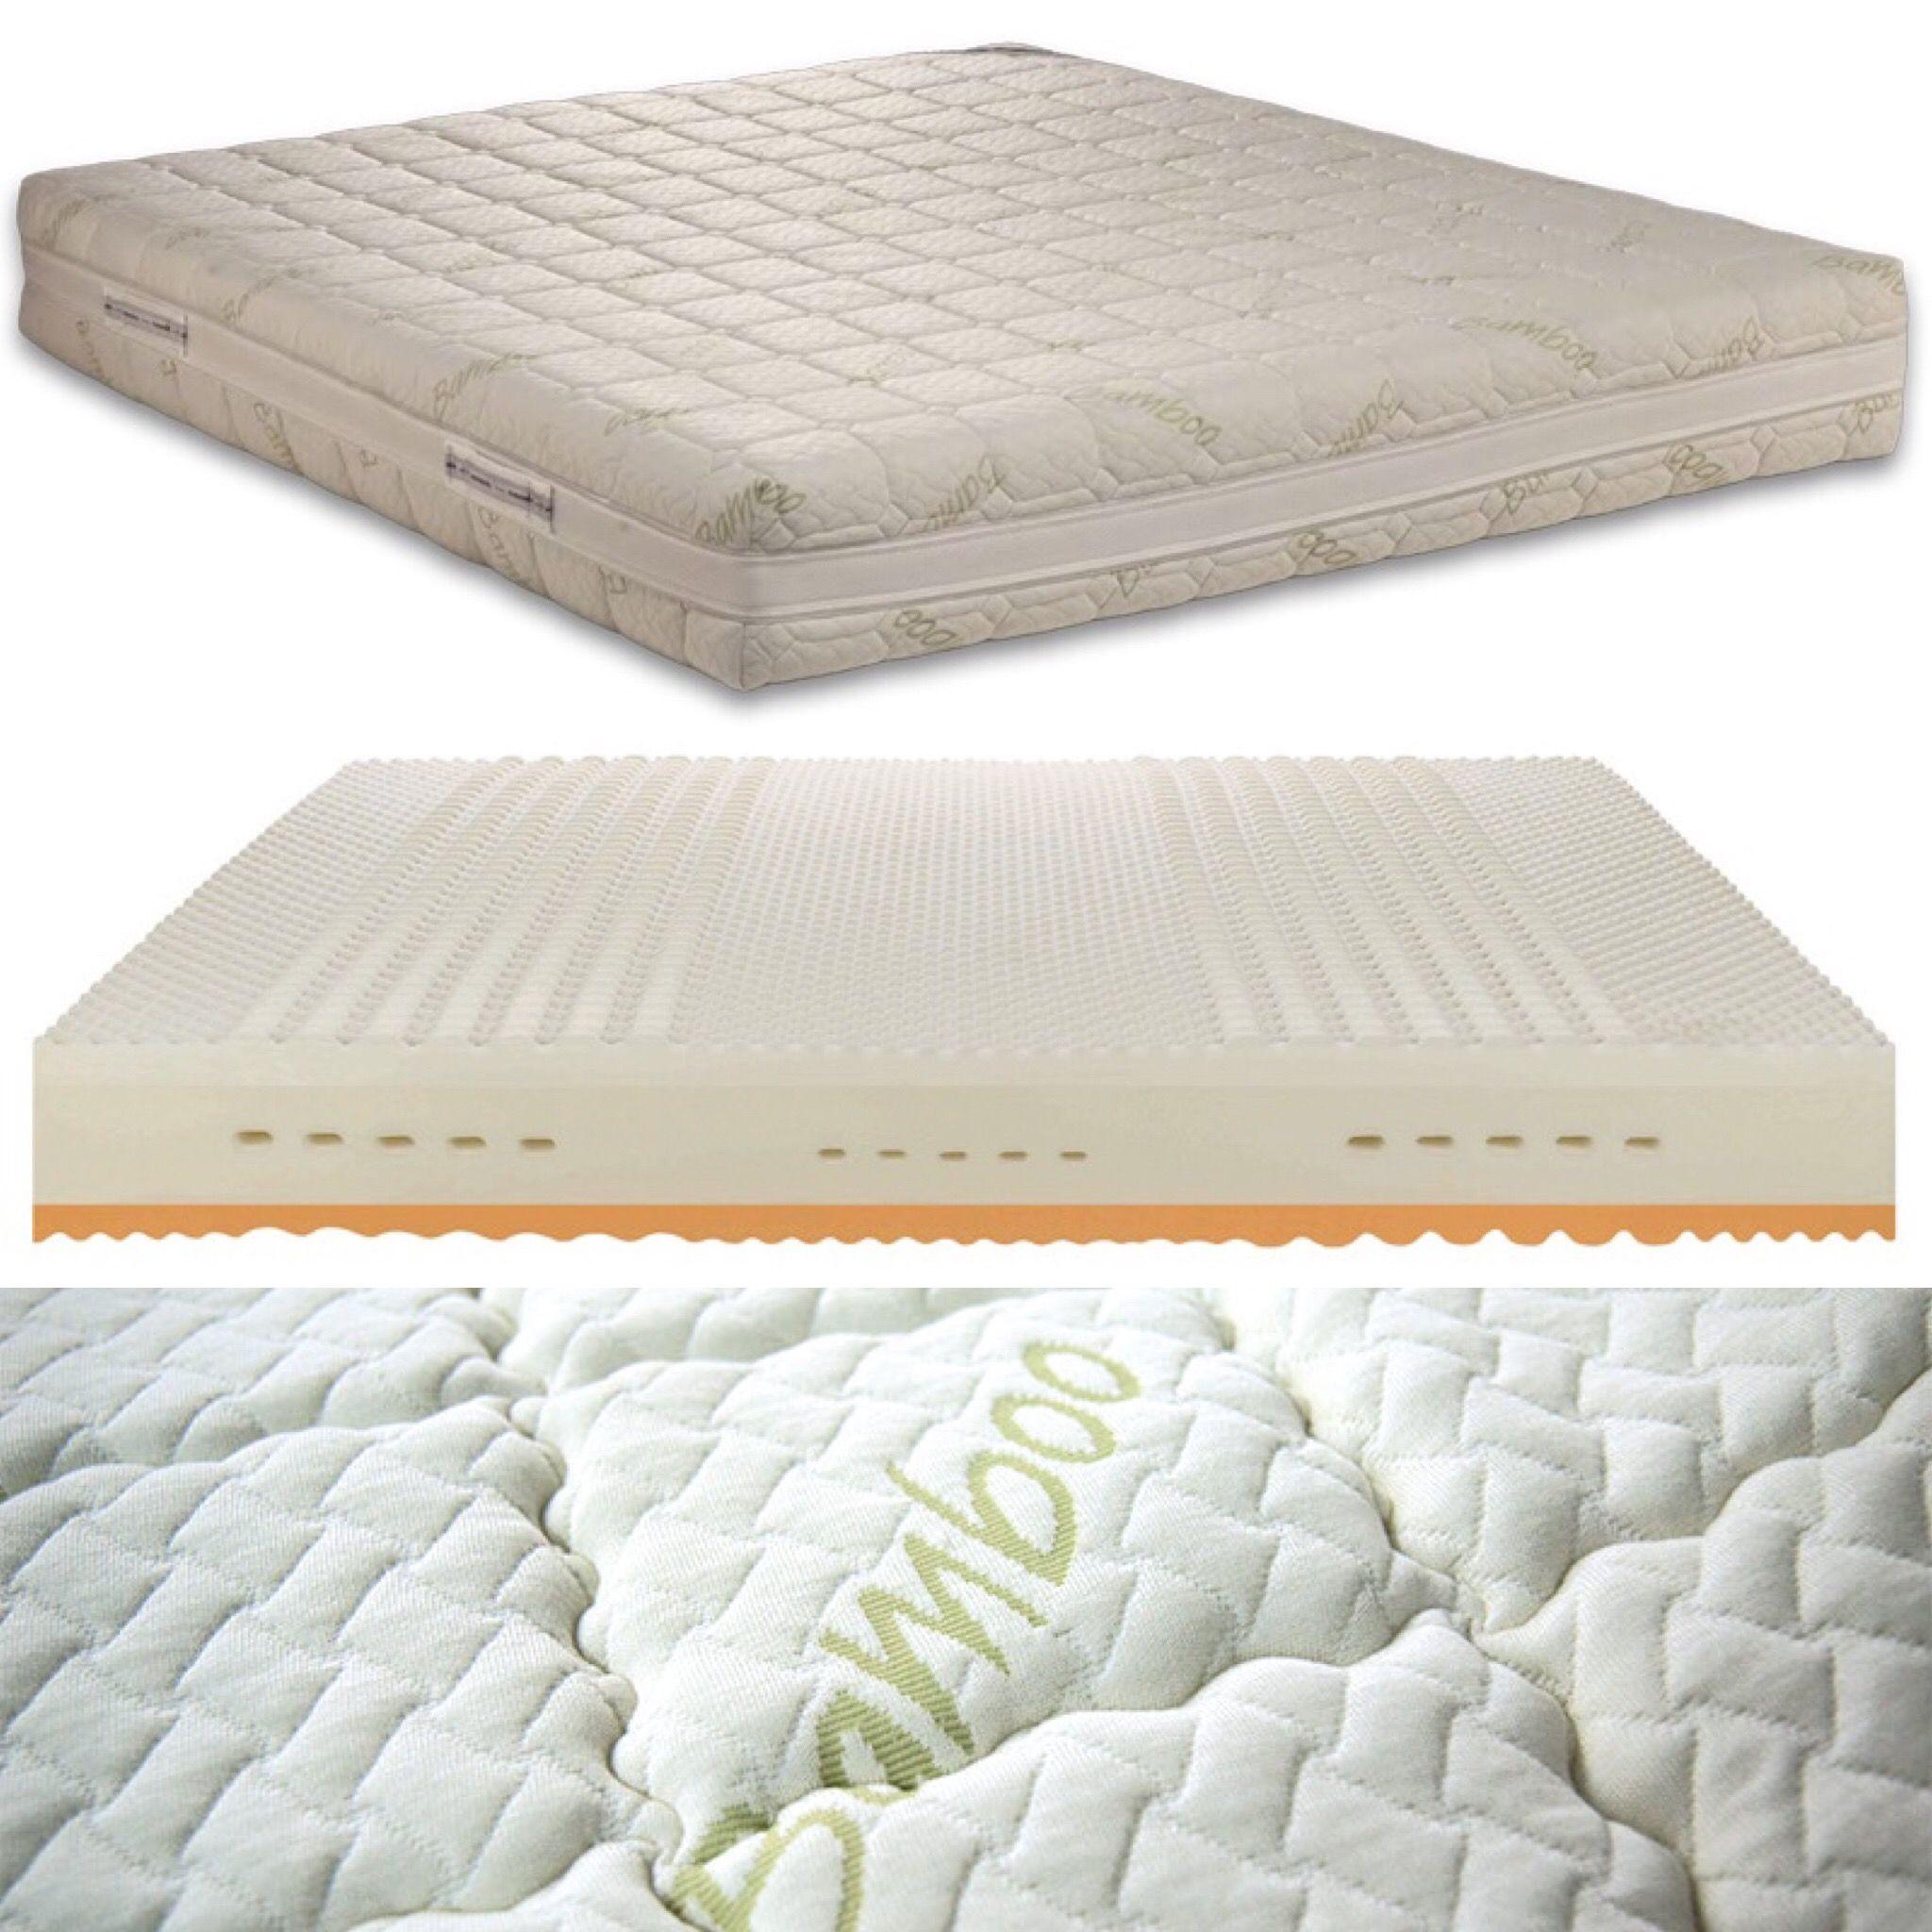 Ein Perfekter Liegekomfort Und Ein Optimales Schlafklima Bietet Ihnen Die Matratze Bamboo Deluxe Matratze Visco Matratze Tiefschlaf